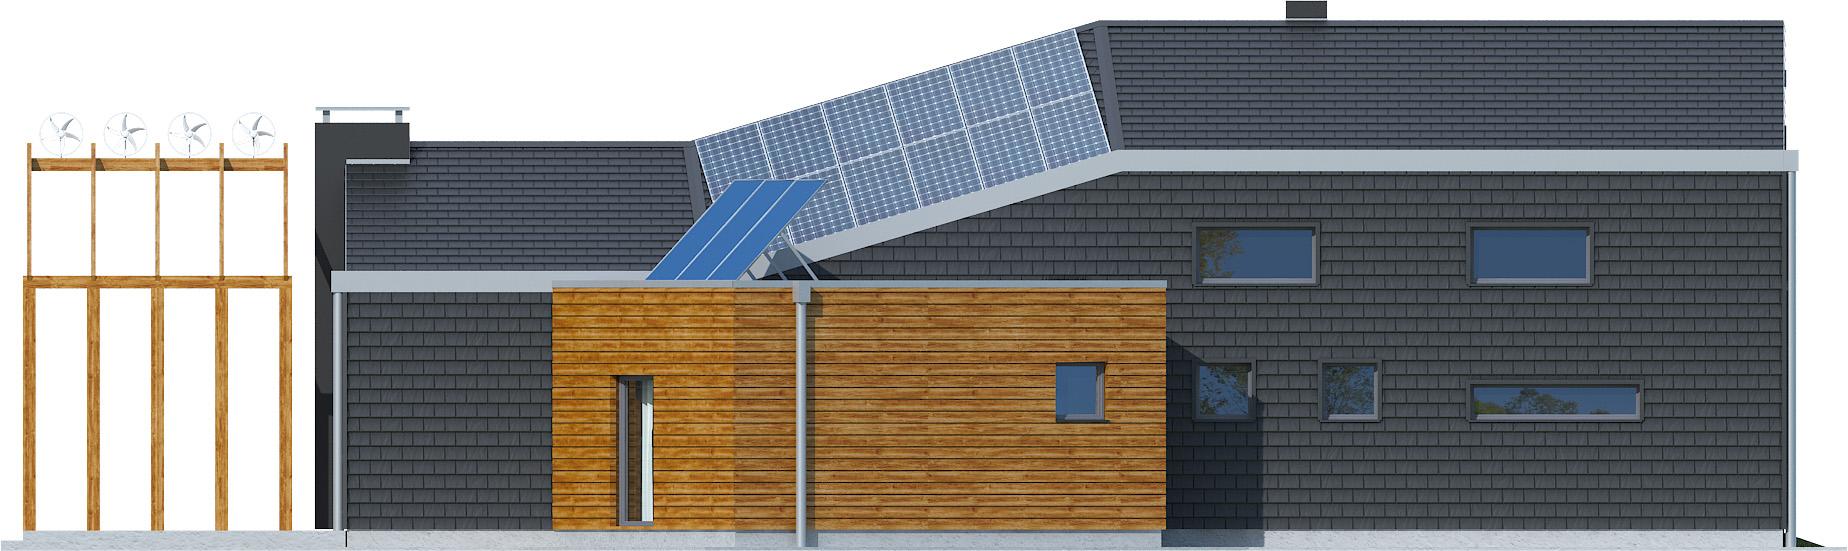 Projekt domu ZYGZAK Domy Czystej Energii elewacja tylna